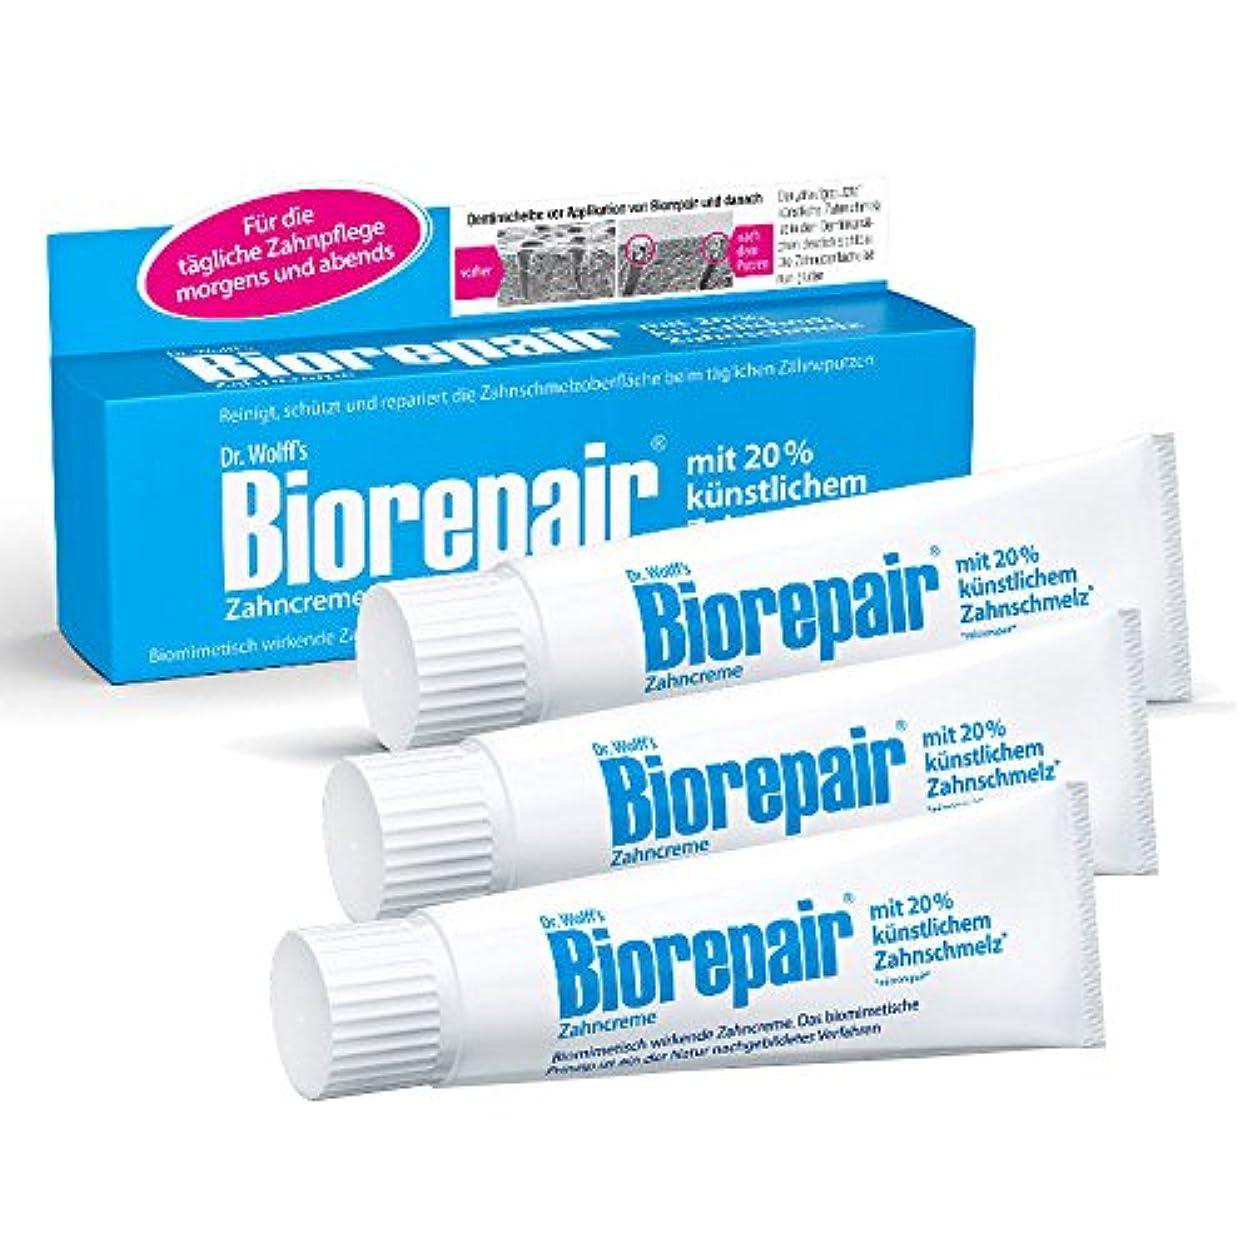 大事にする引退する急襲Biorepair 歯磨き粉オリジナル、75ml 歯の保護 耐摩耗性 x 3 [並行輸入品]